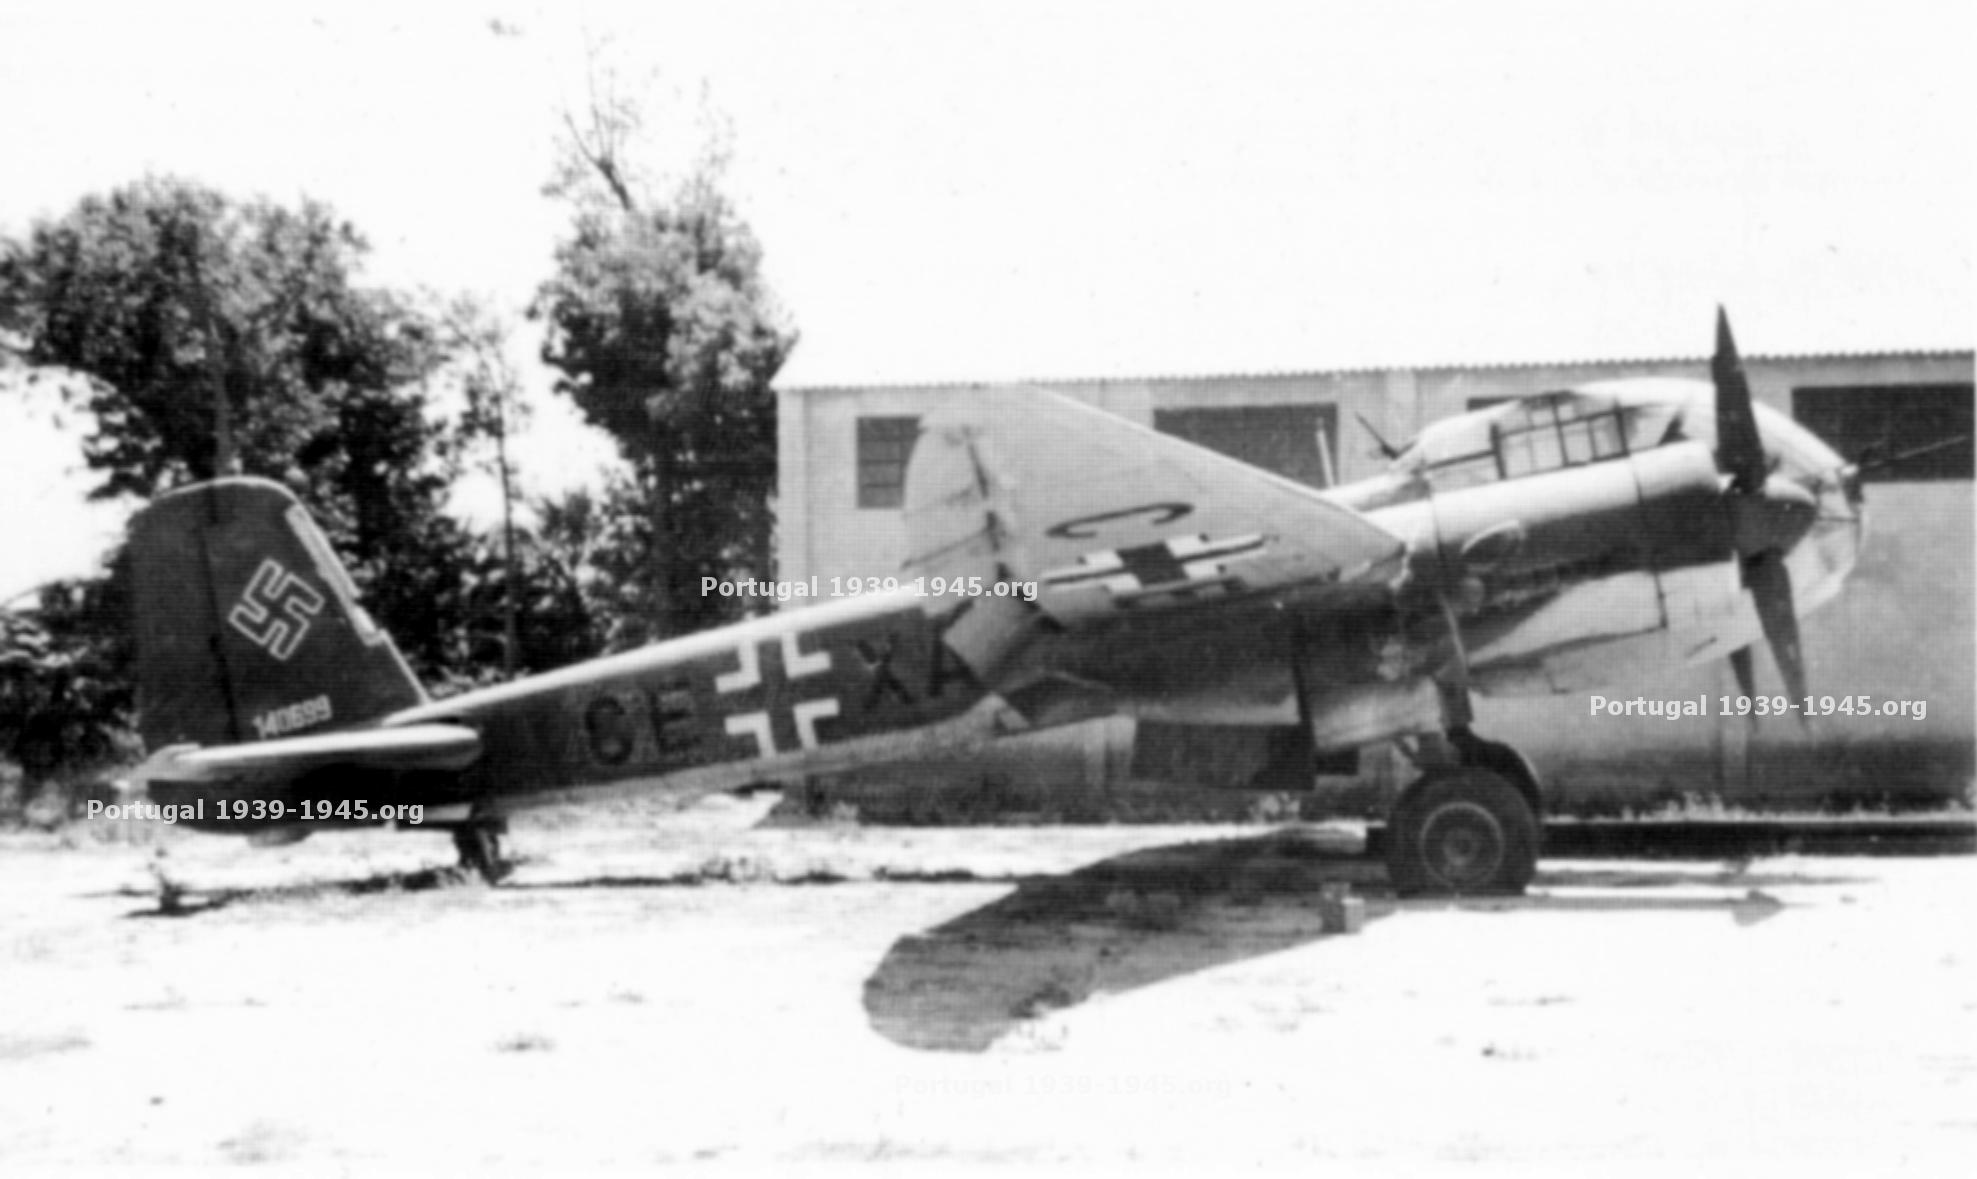 JU188 no Aeroporto de Lisboa (Foto: Colecção Mário Canongia Lopes)